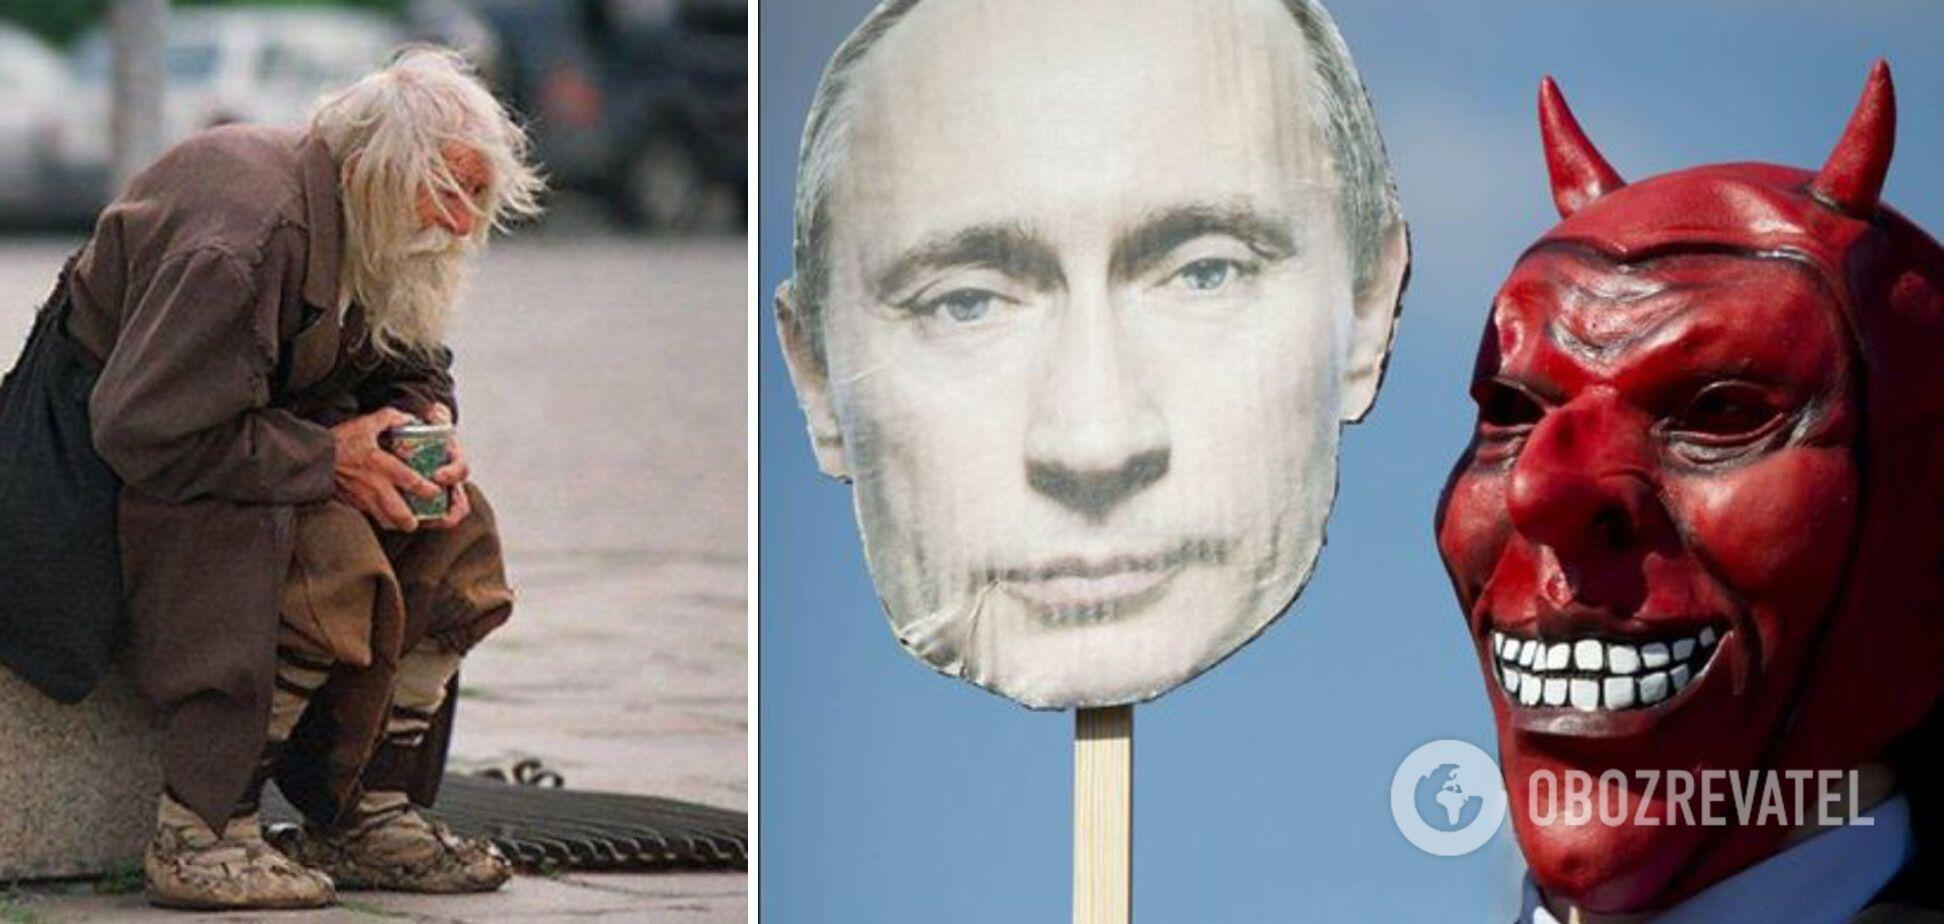 Россияне заключили сделку с дьяволом: Путин превратил Россию в преступный картель